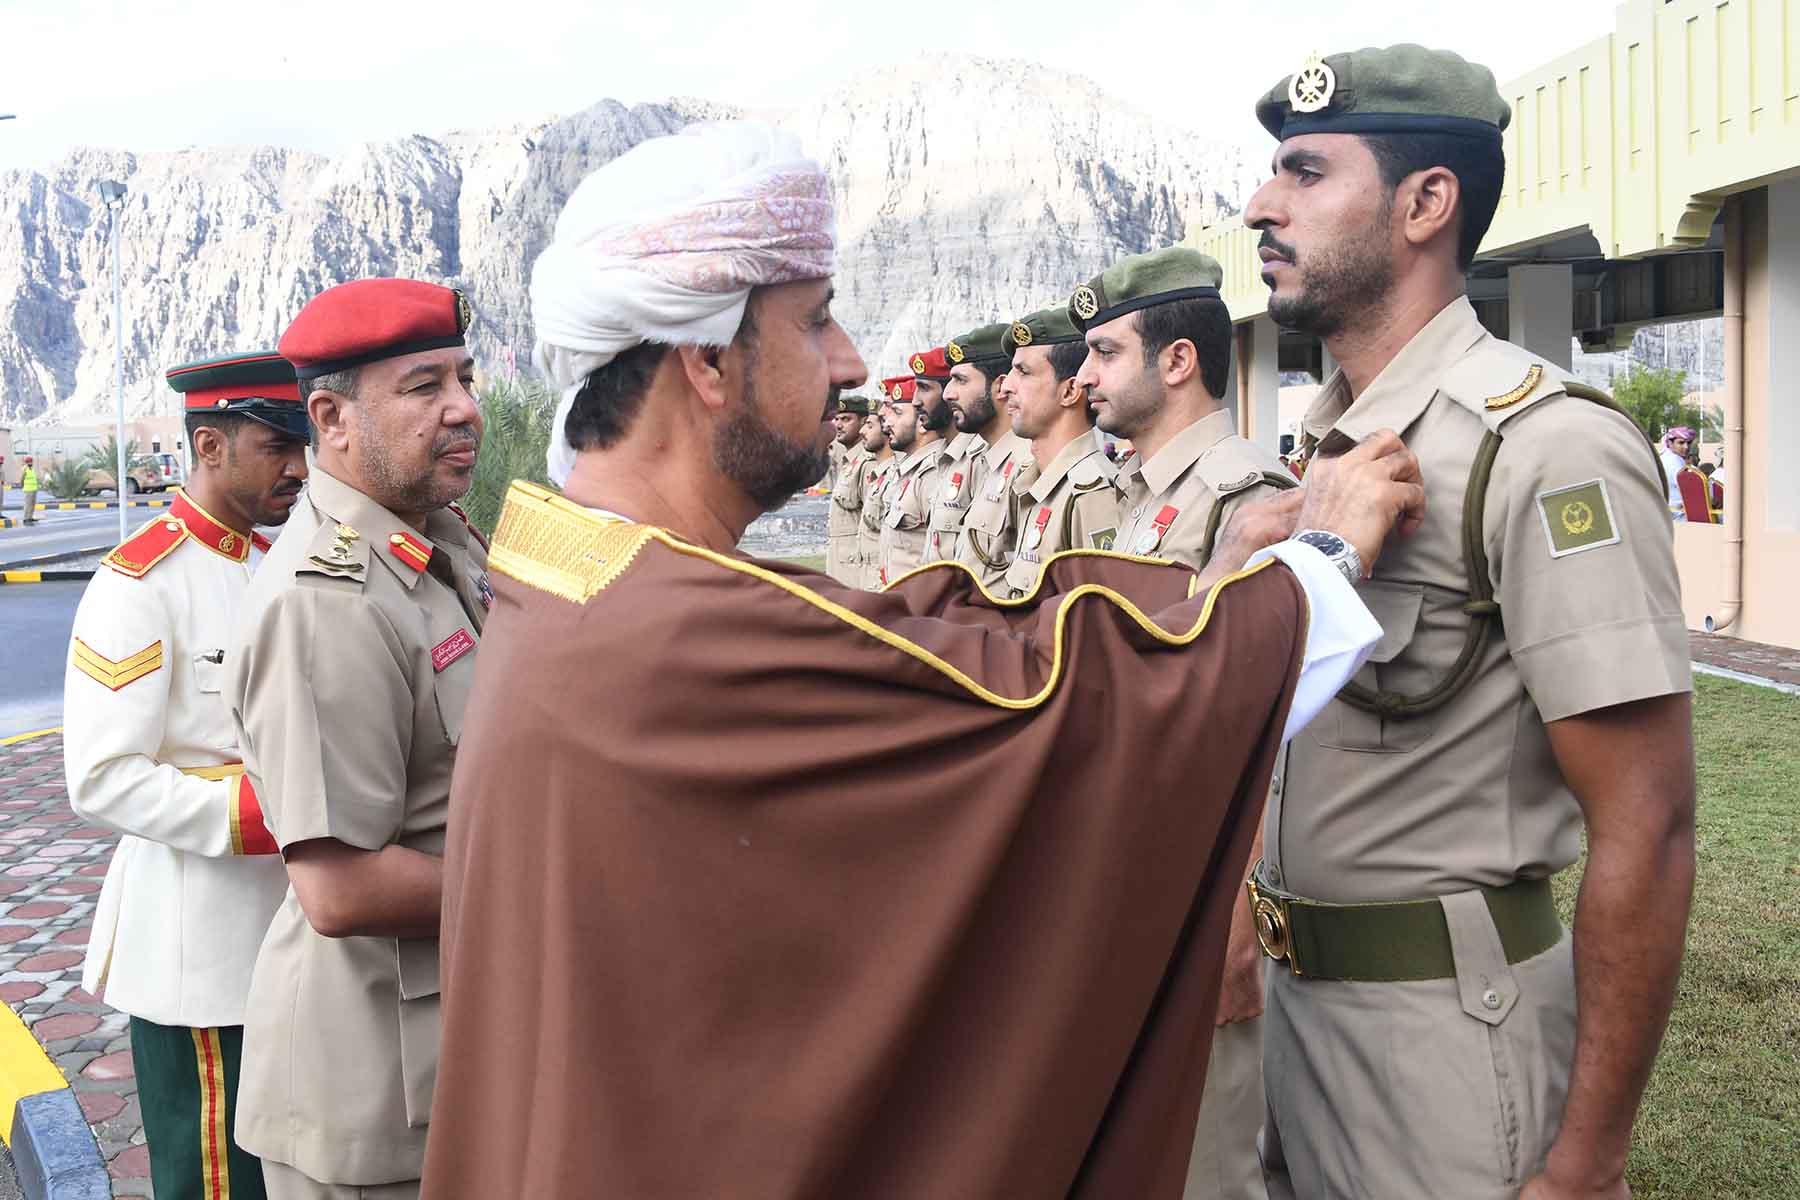 قيادة قطاع مسندم بالجيش السلطاني العماني تحتفل بيوم القوات المسلحة ويوم المتقاعدين